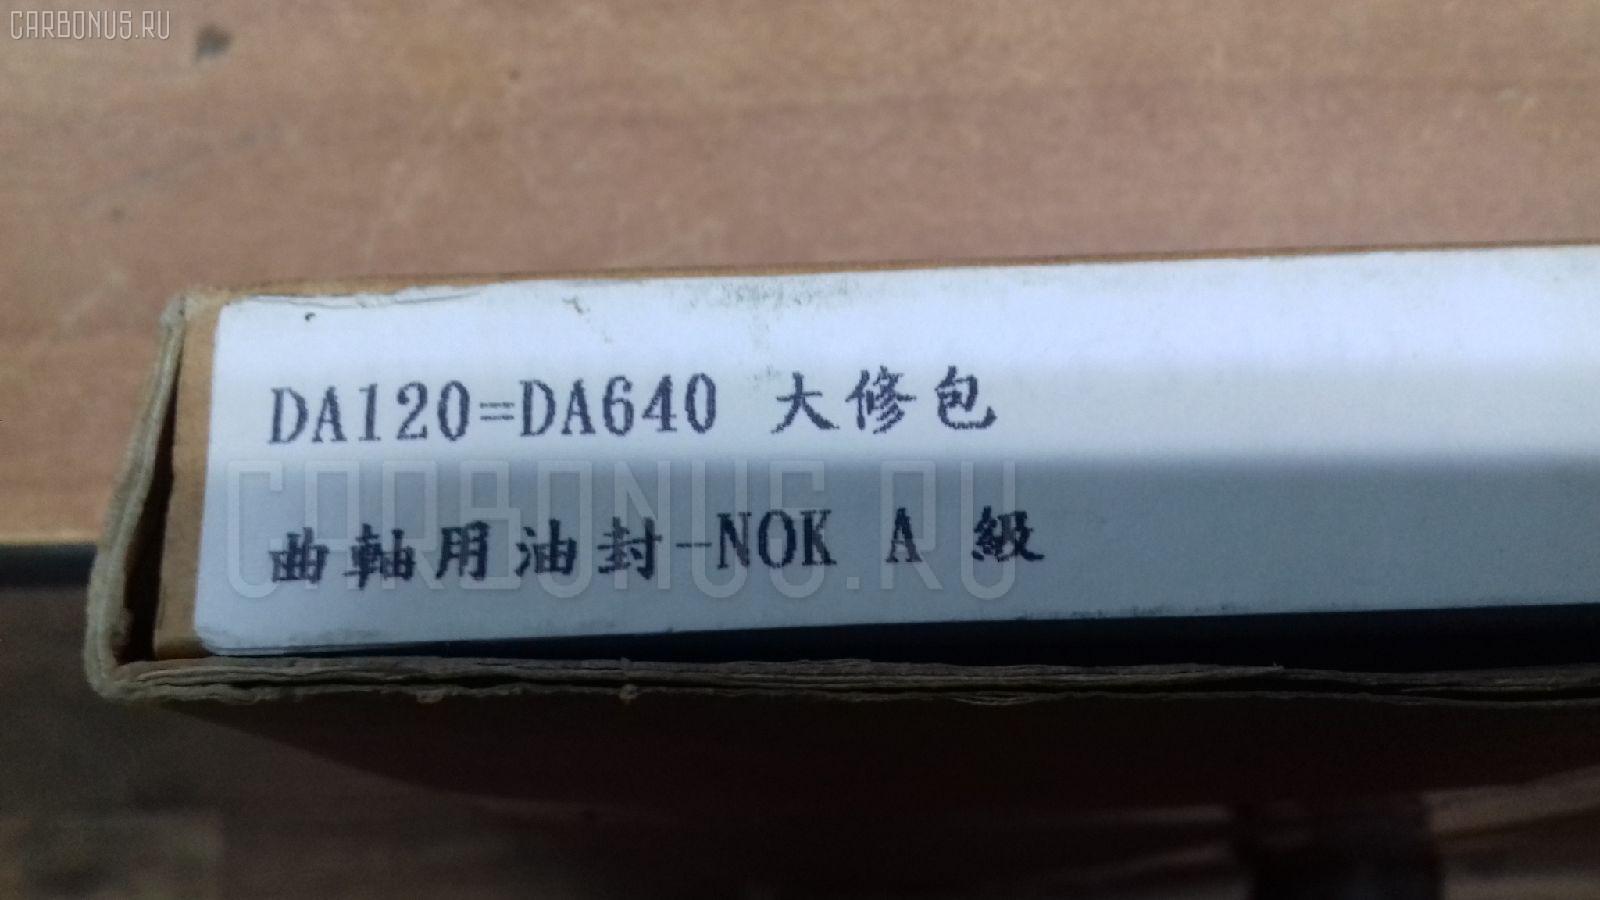 Ремкомплект ДВС ISUZU DA640 DA640 Фото 4